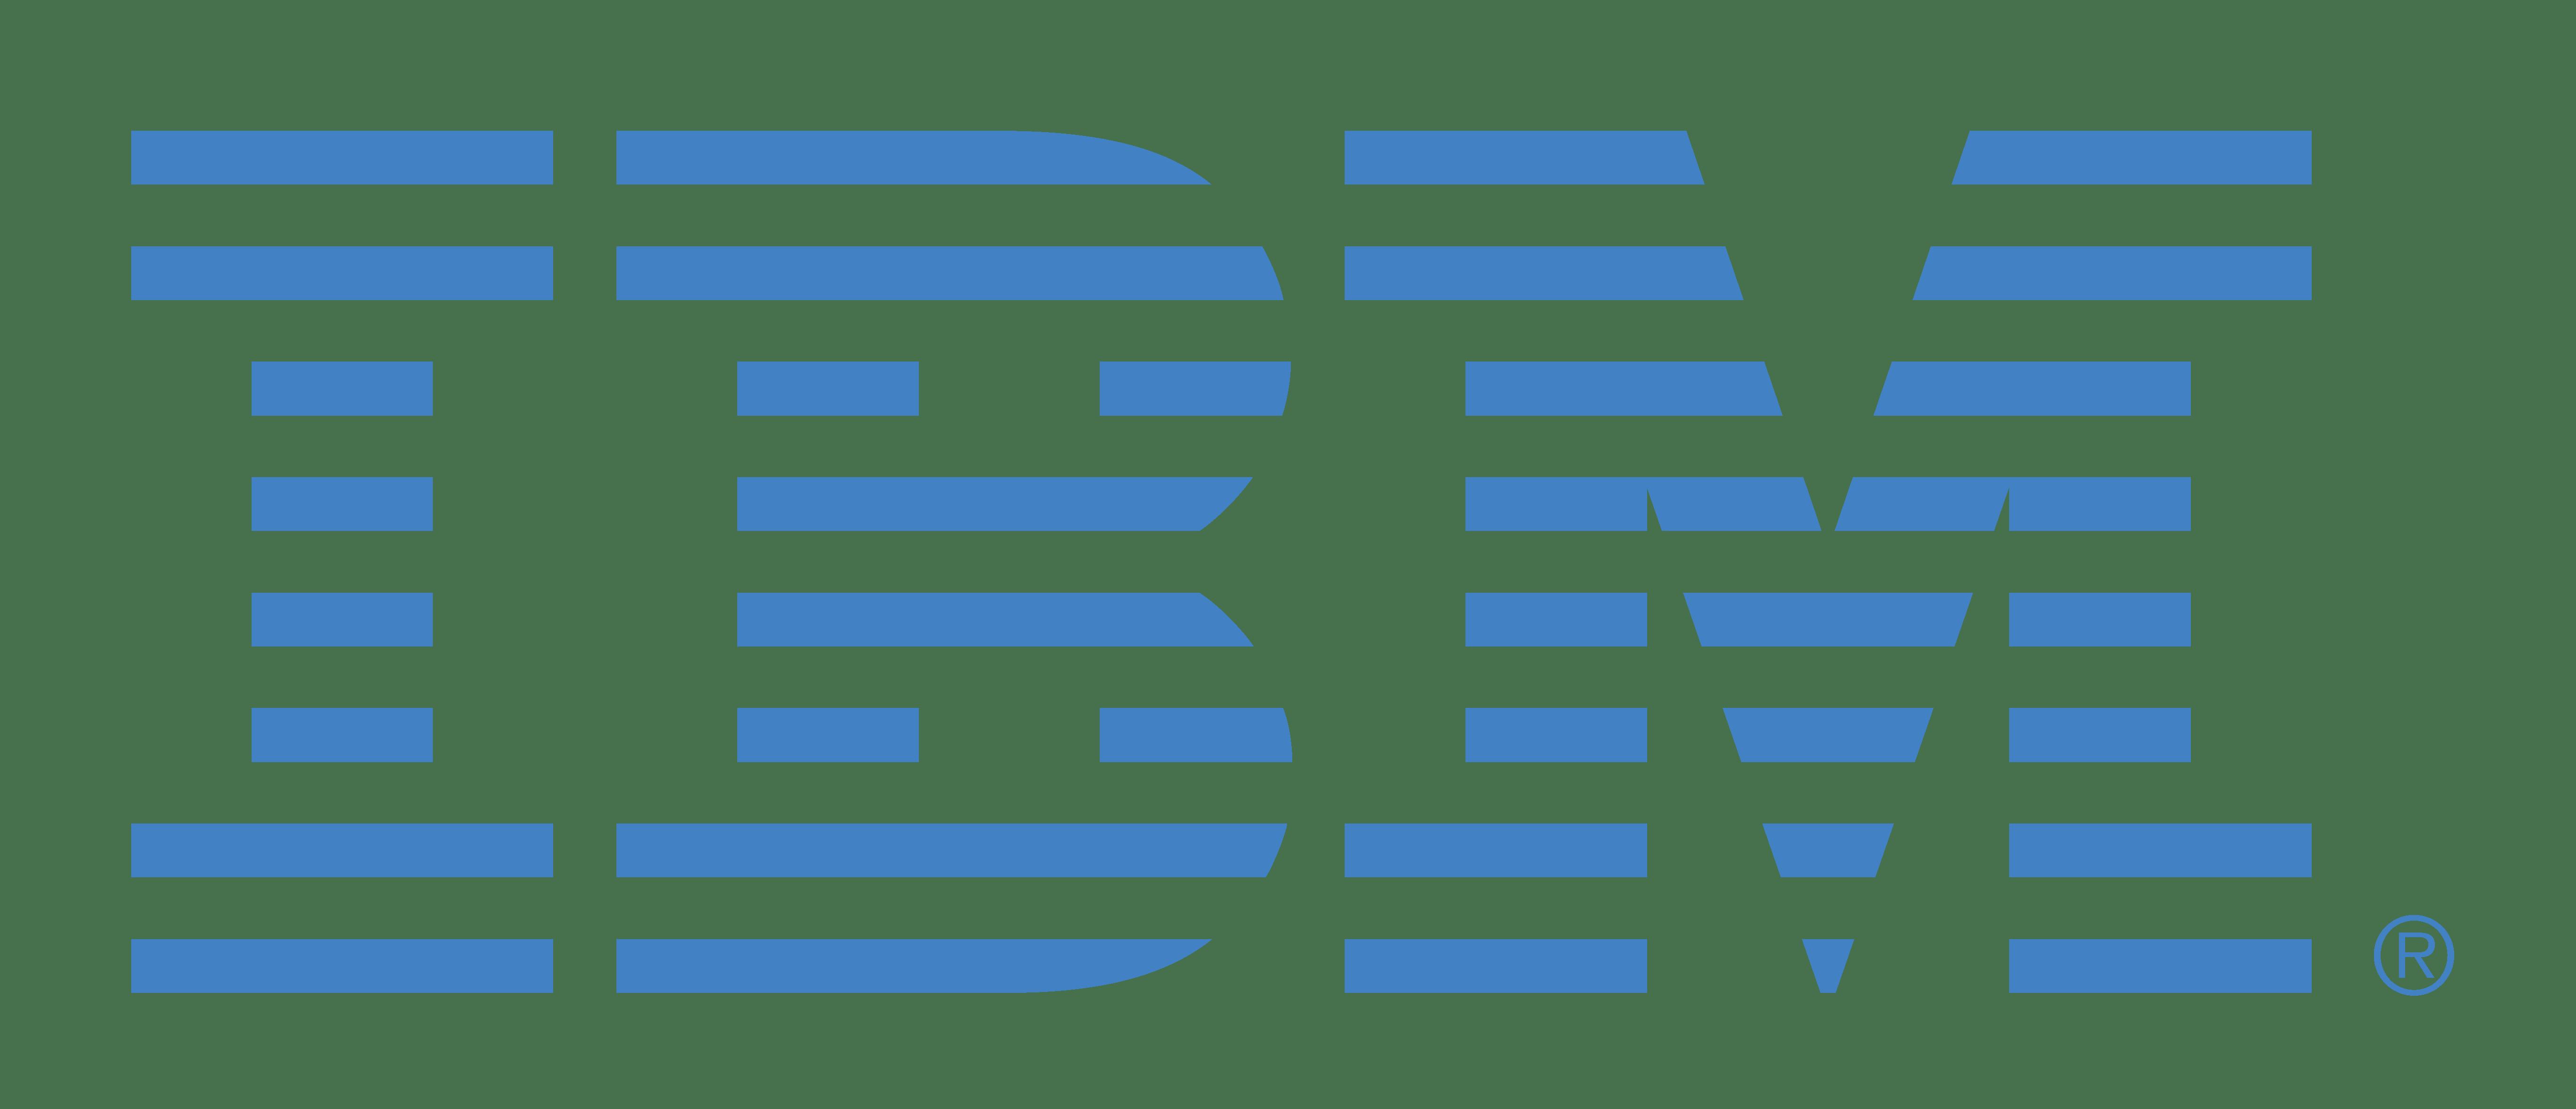 logo-ibm-png-1